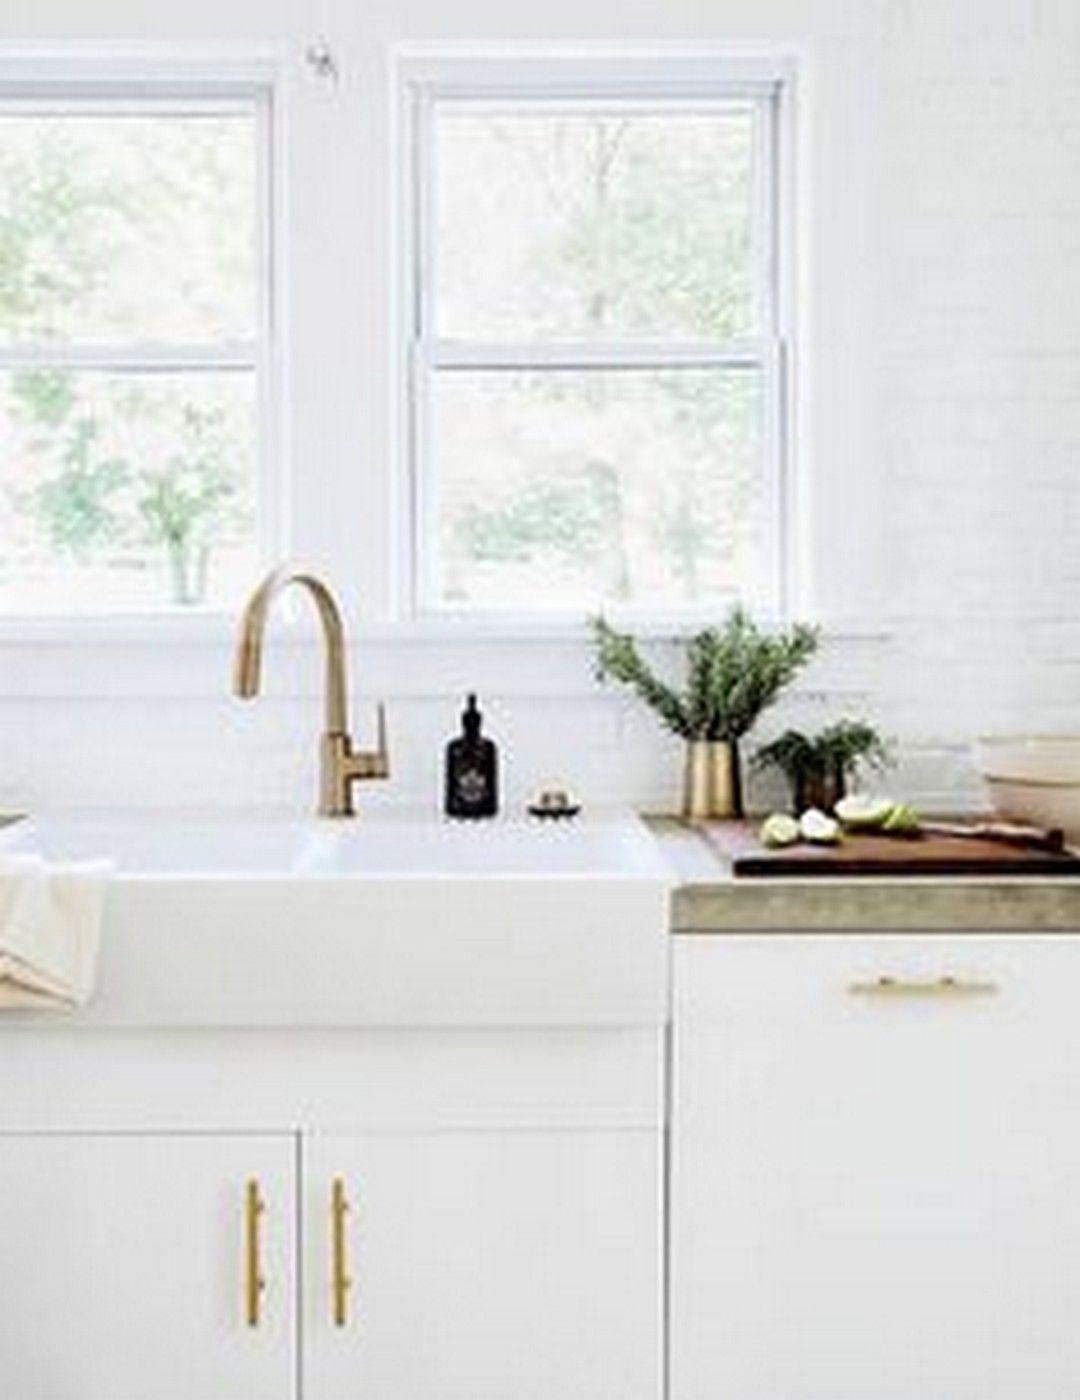 Wie Man Ausgezeichnete Weisse Landhaus Art Kuche In Ihrem Haus Herstellt Betonkuche Kuchendekoration Und Moderne Bauernhaus Kuchen